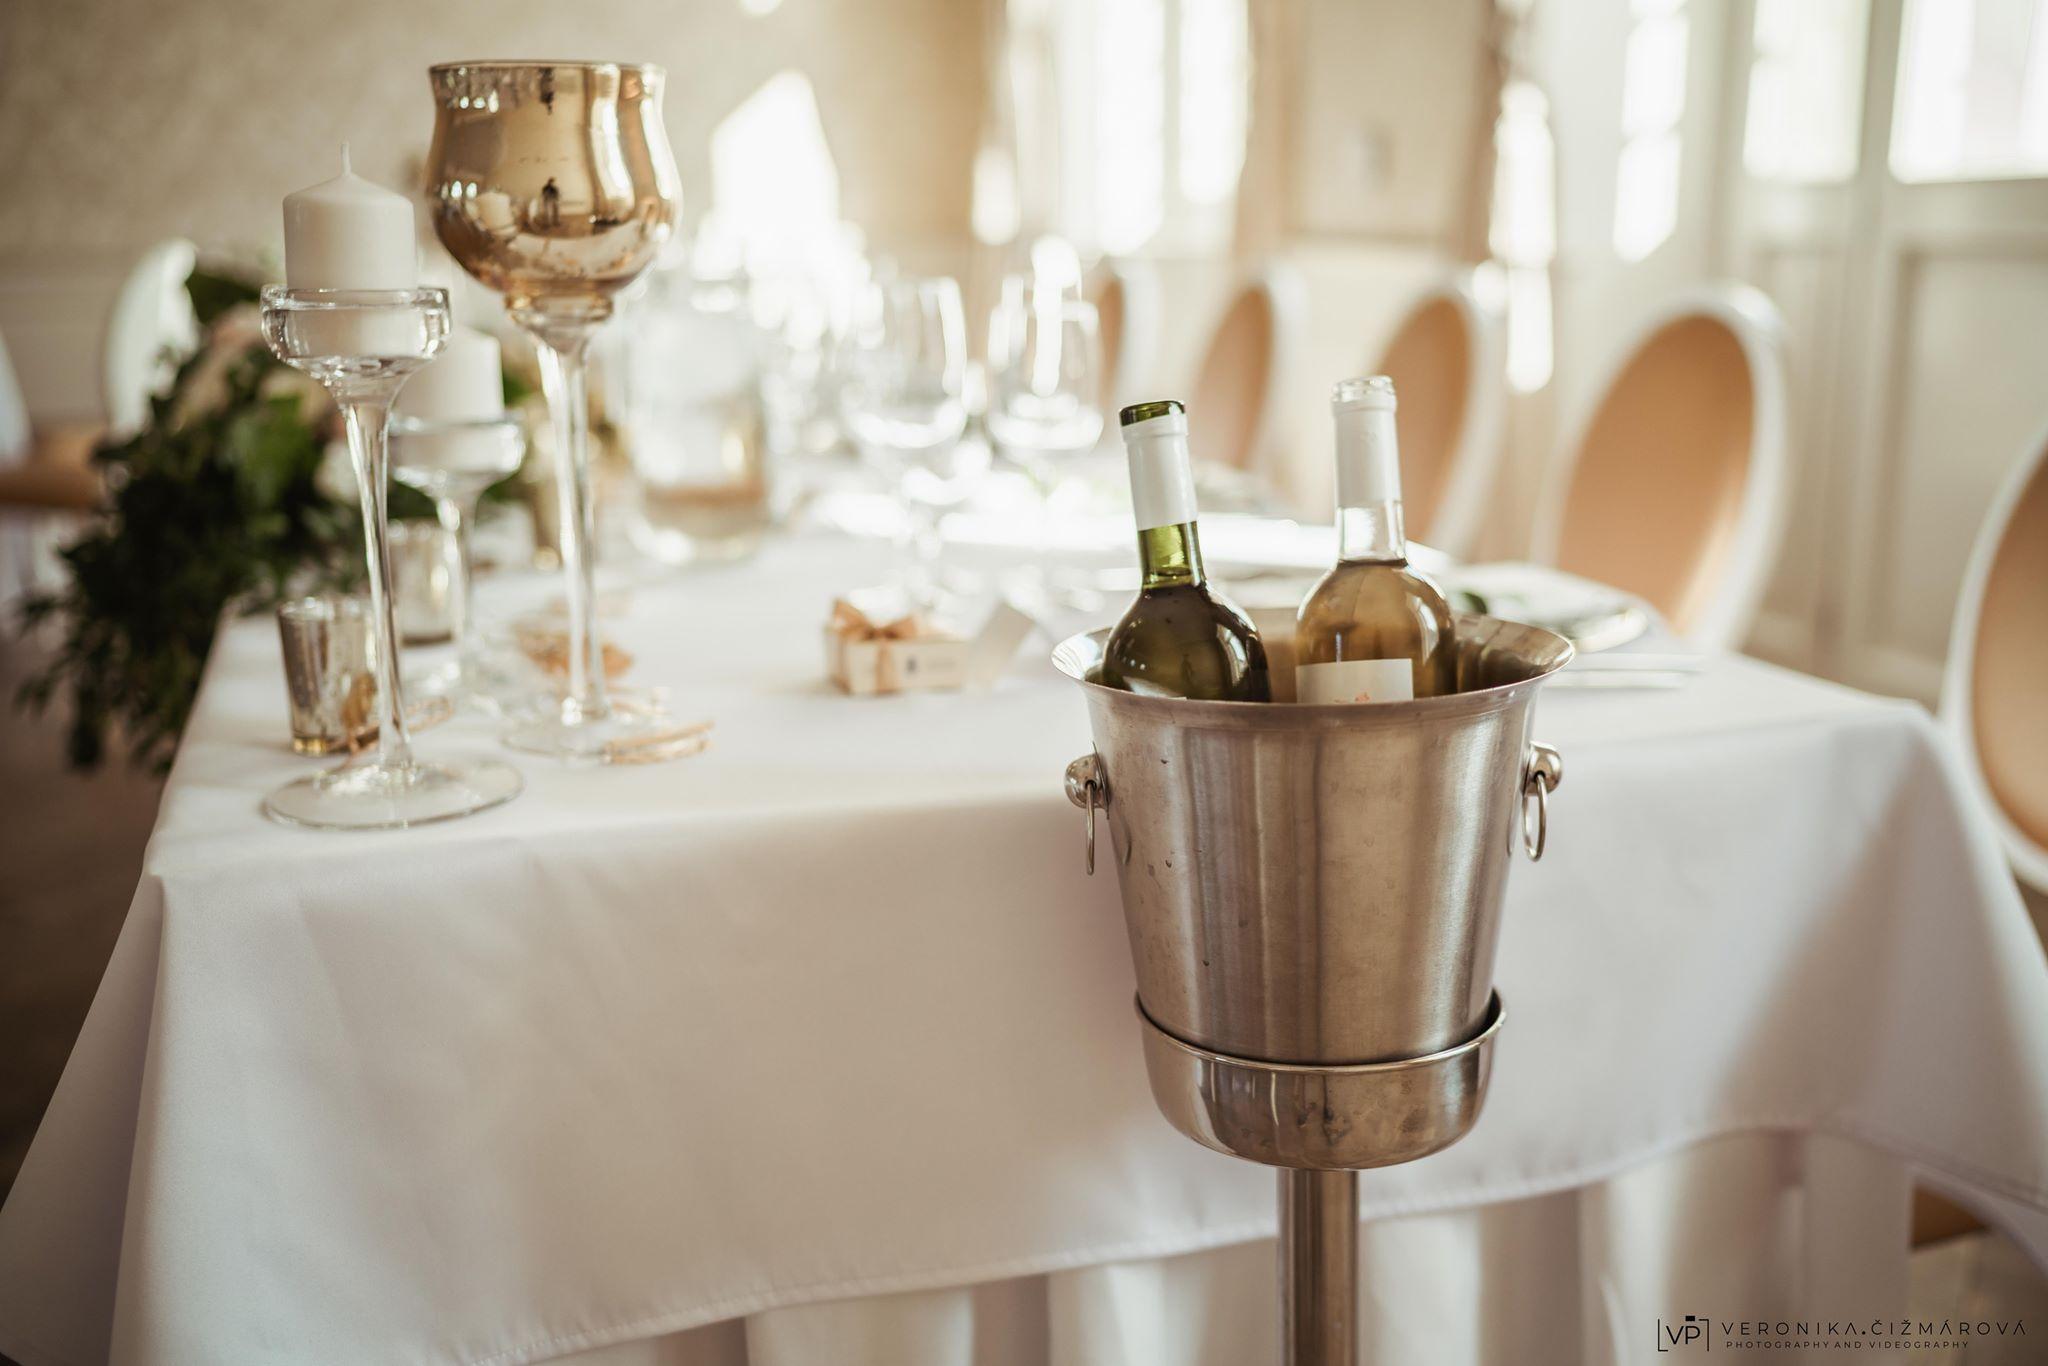 vino-svadbajpg